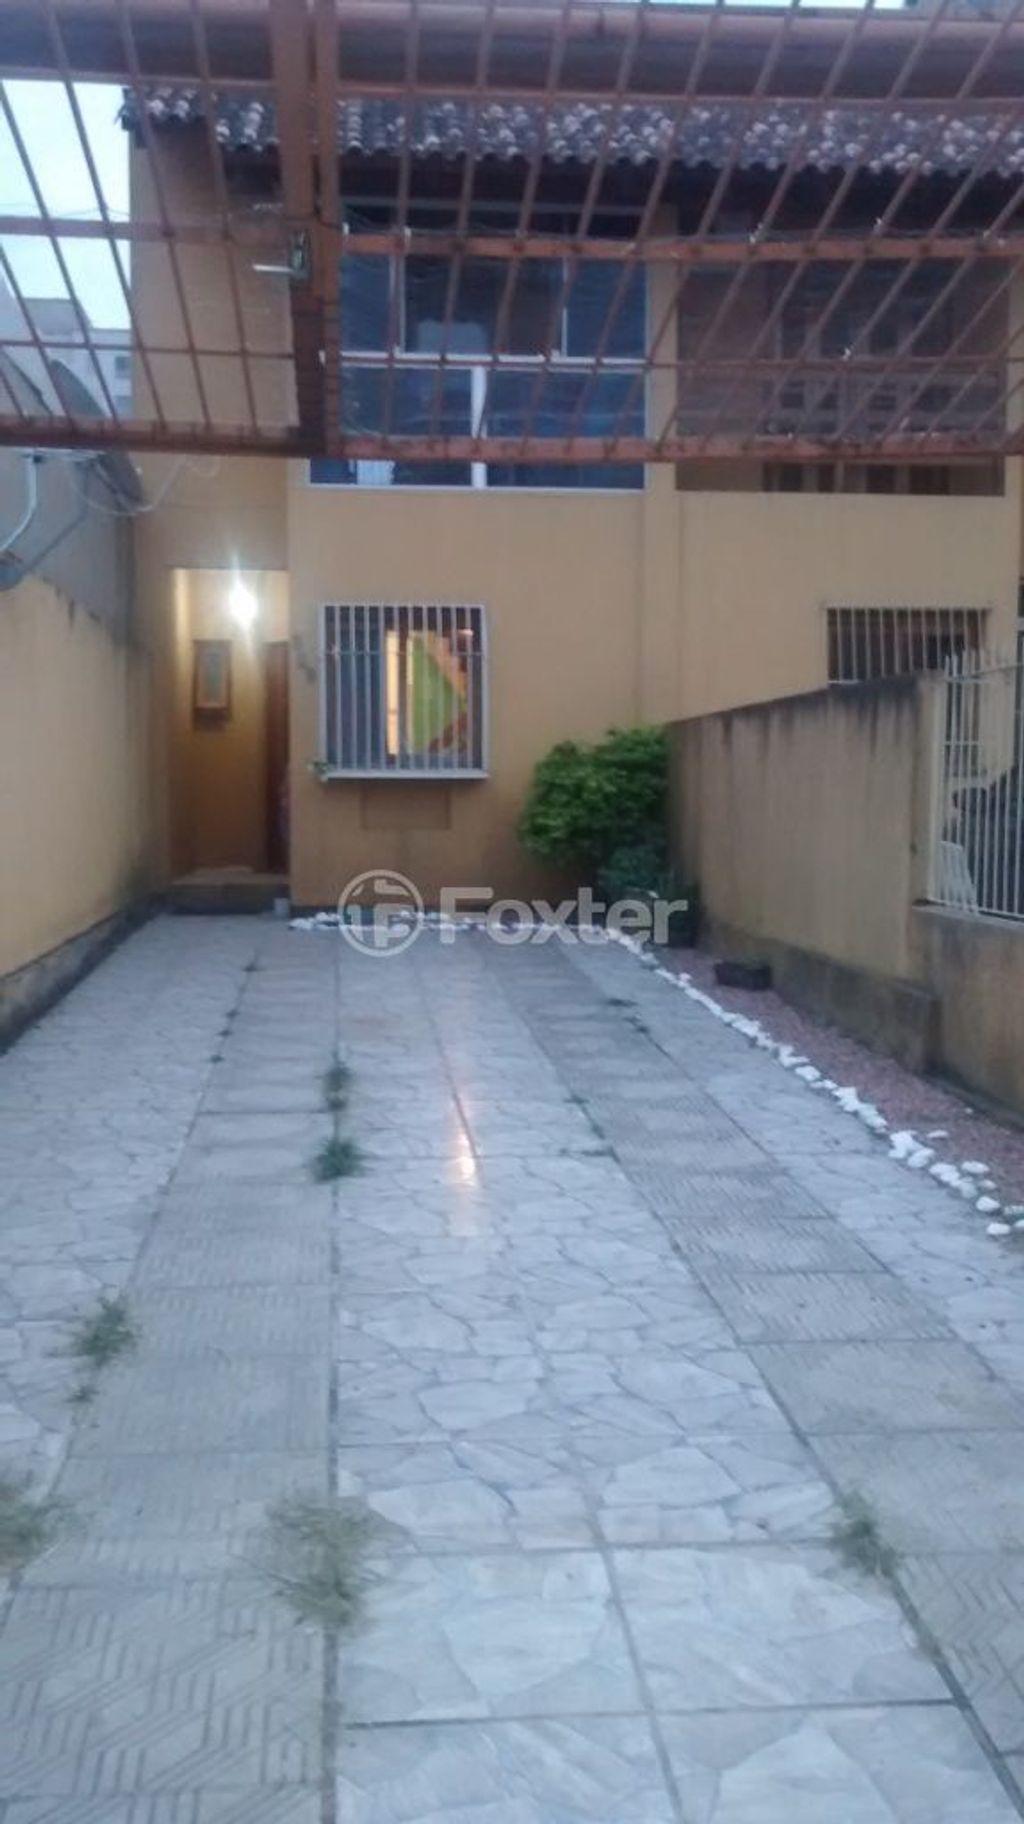 Casa 3 Dorm, Alto Petrópolis, Porto Alegre (140866) - Foto 2